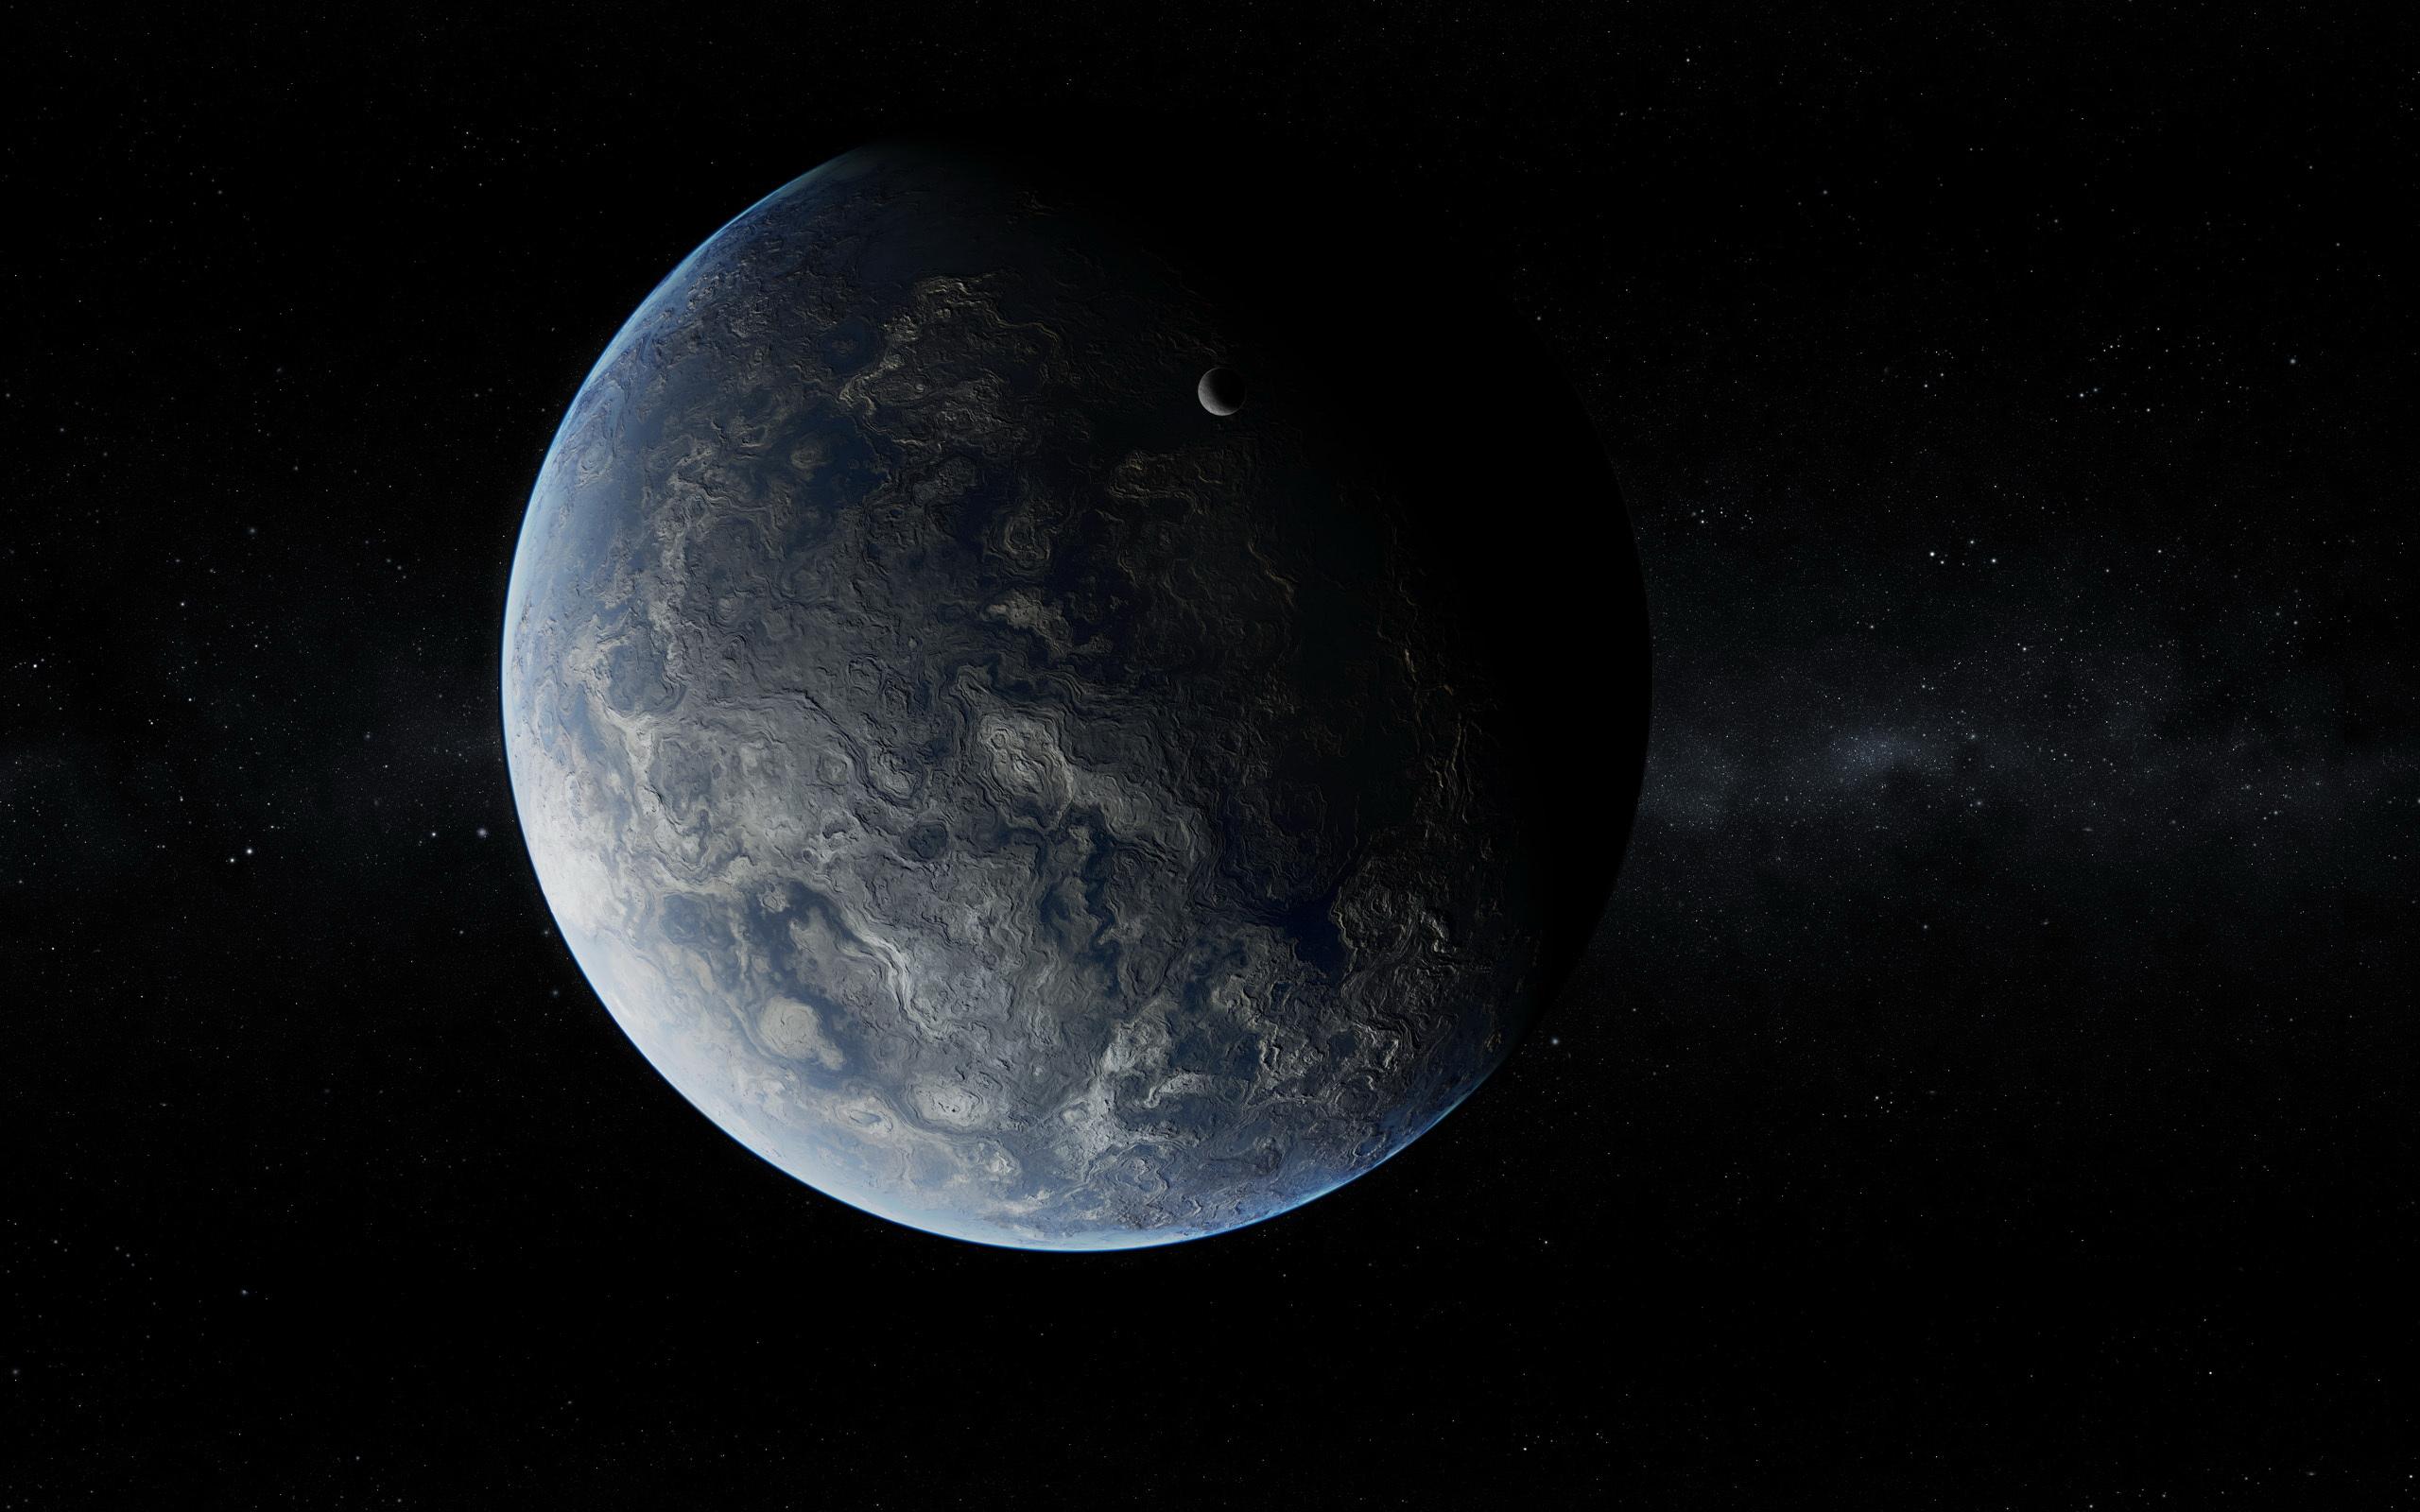 Скачать обои фото картинку на тему планета, спутник, рельеф, звезды